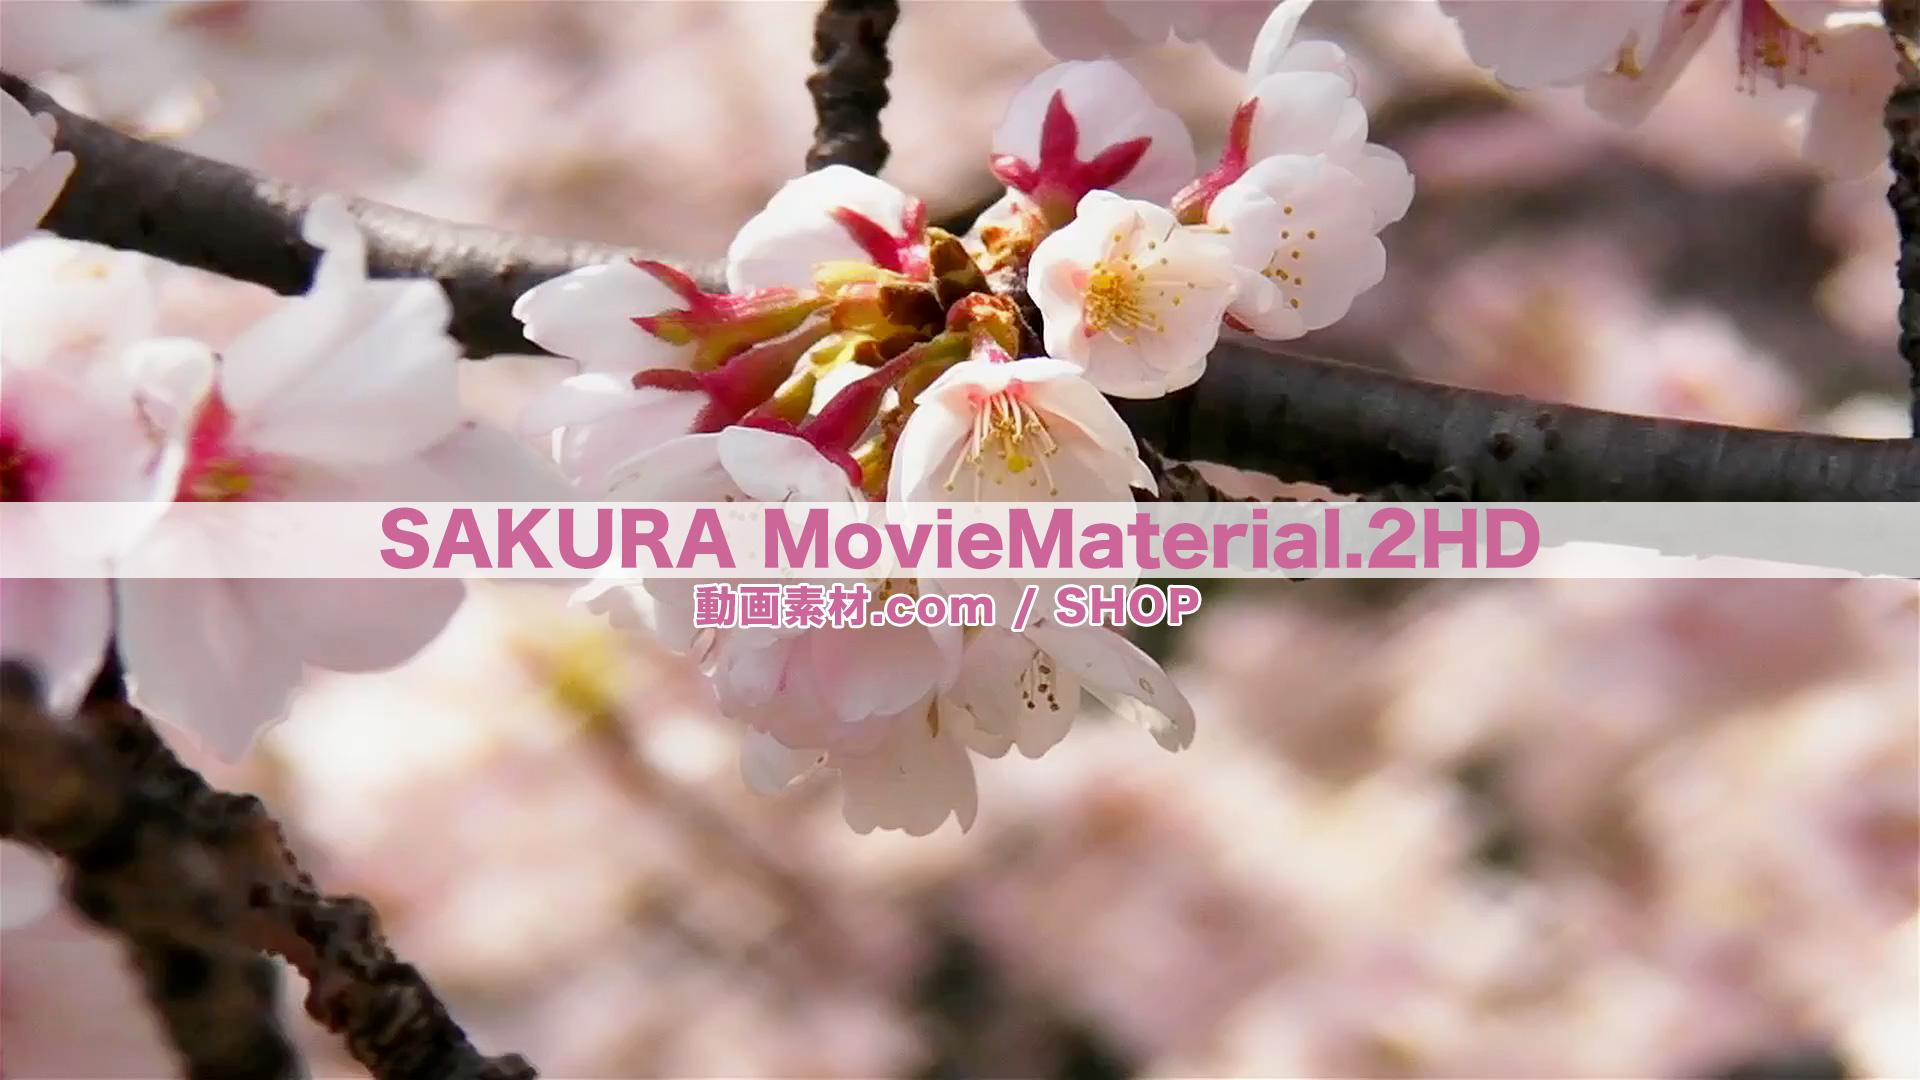 SAKURA2HD_1